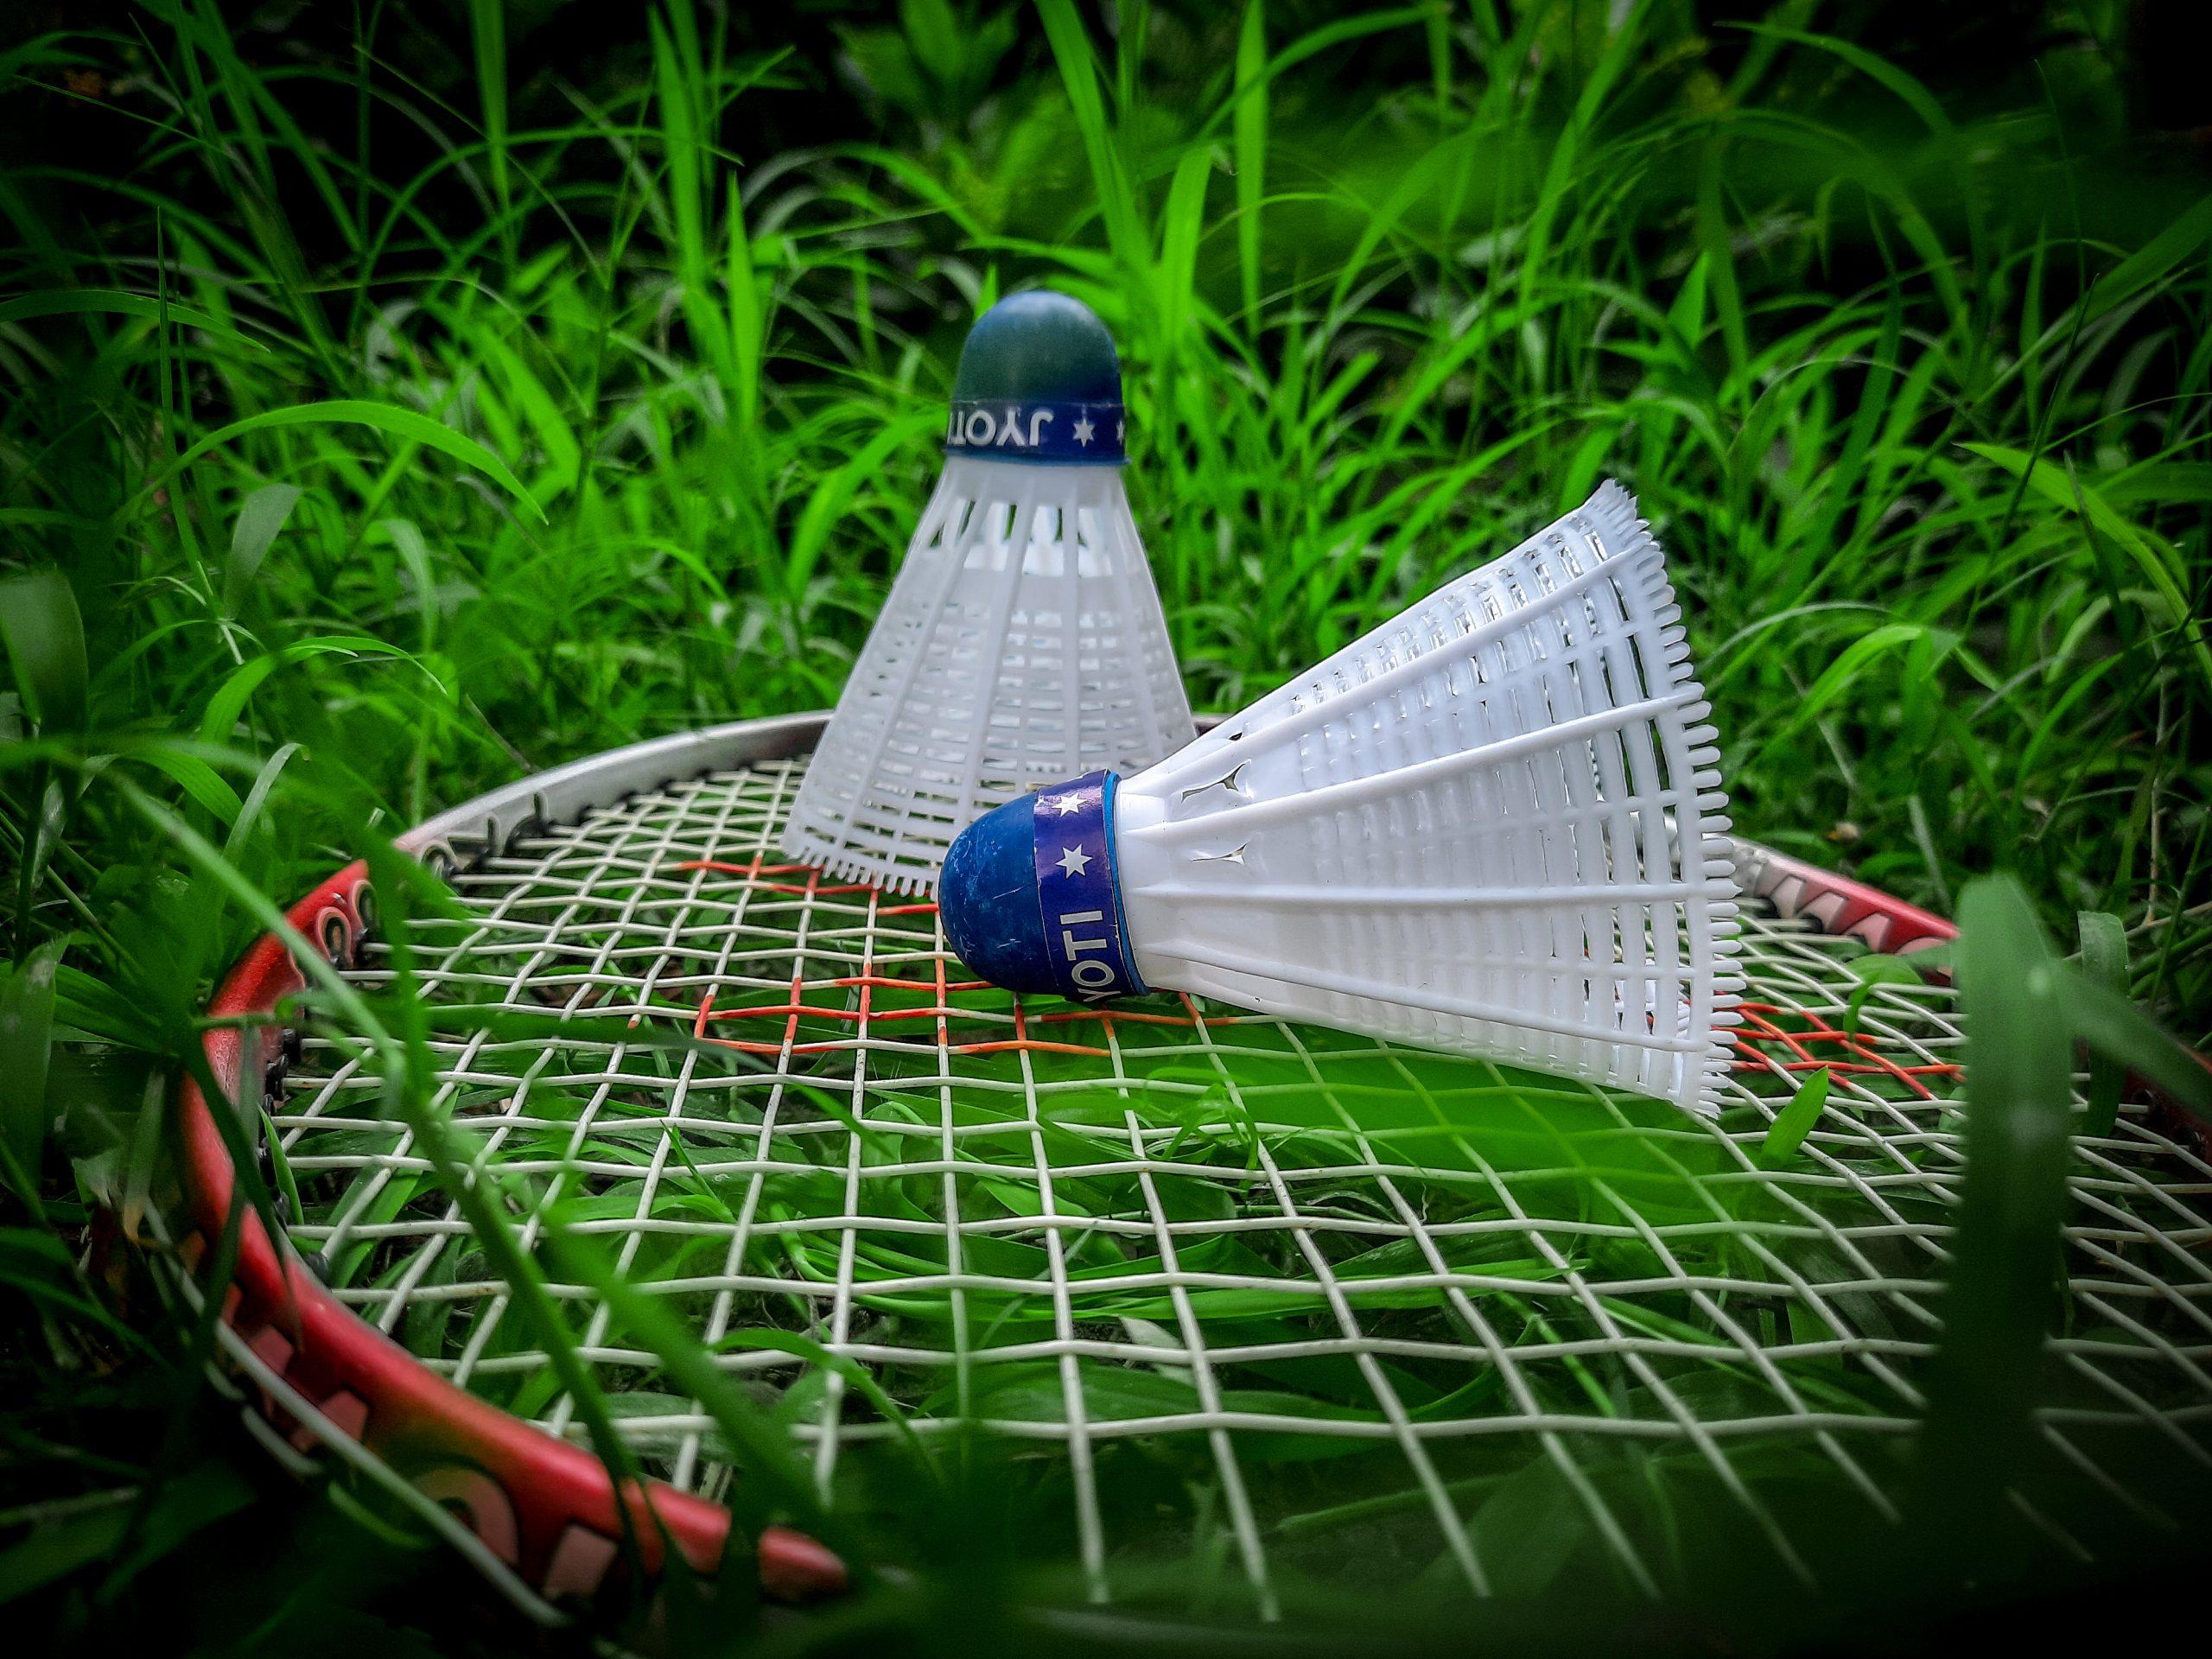 Badminton Raquet and Shuttlecock